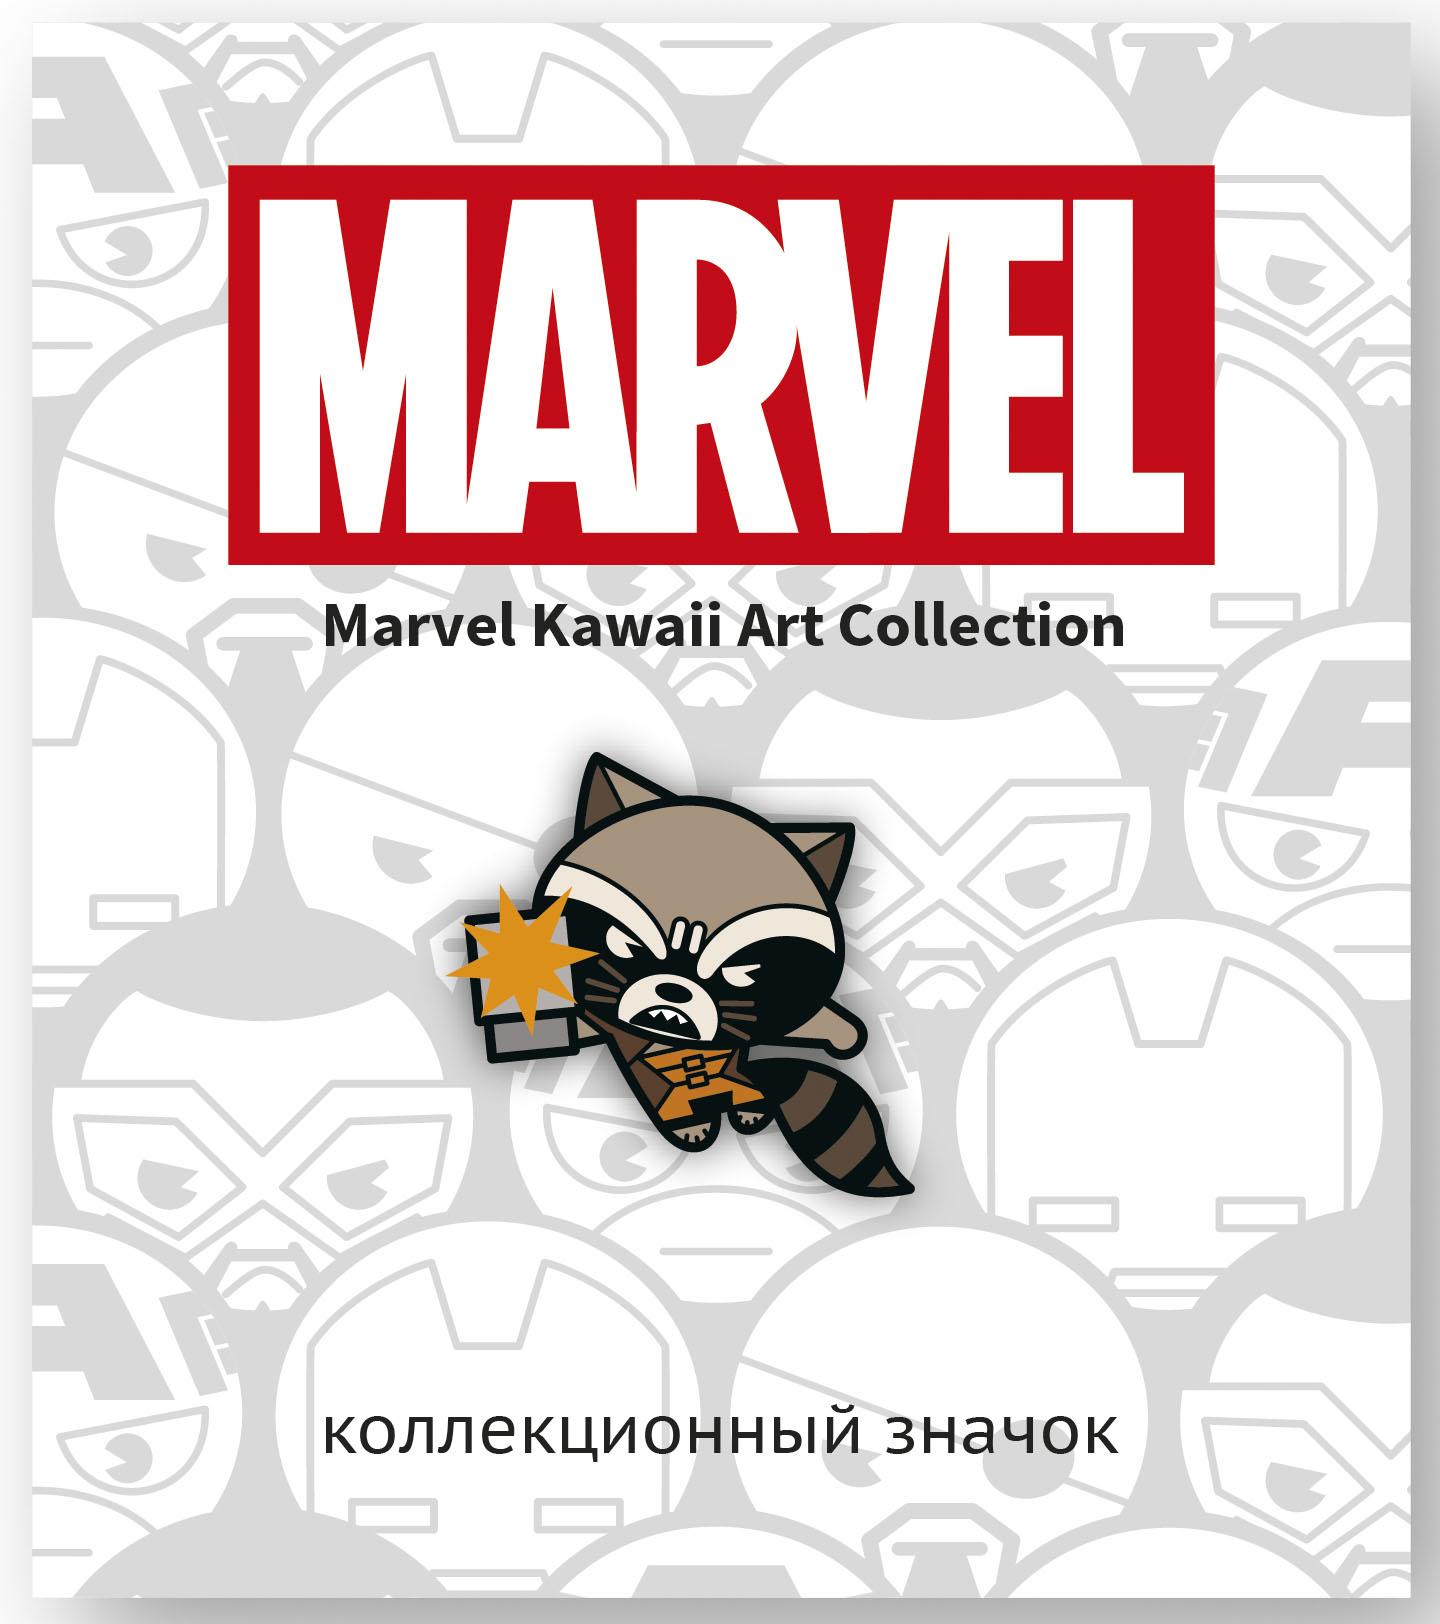 Значок деревянный Marvel Kawaii: Ракета